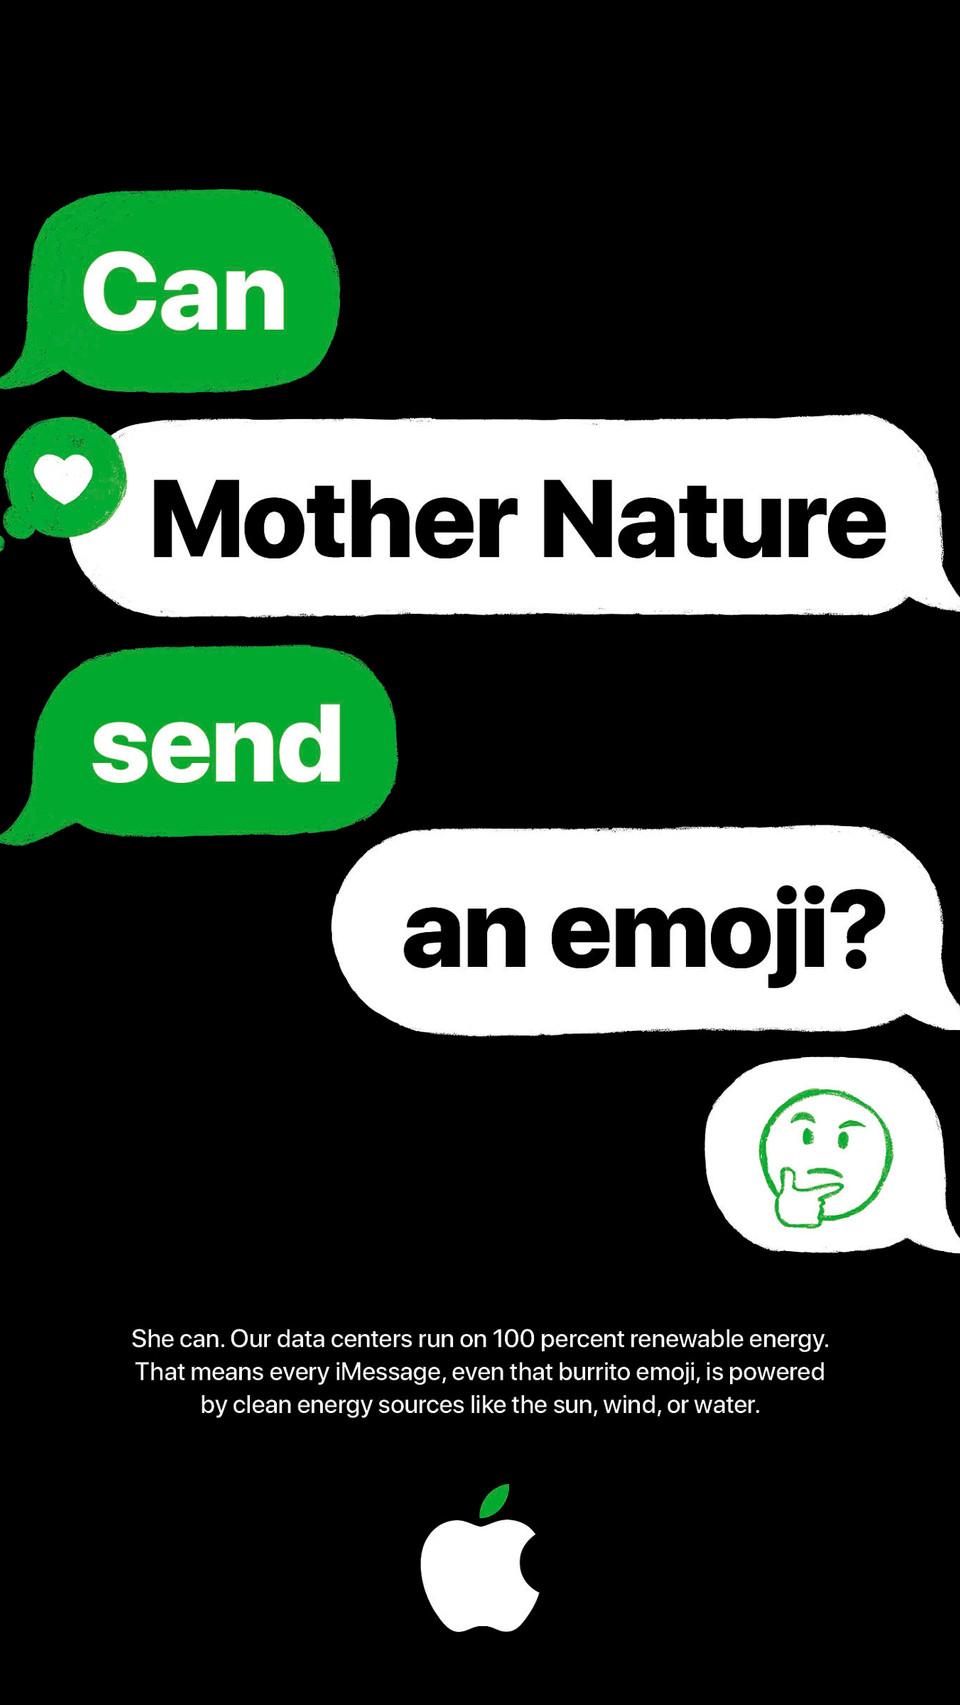 Poster_24x36_Emoji_US-EN_1600_c.jpg